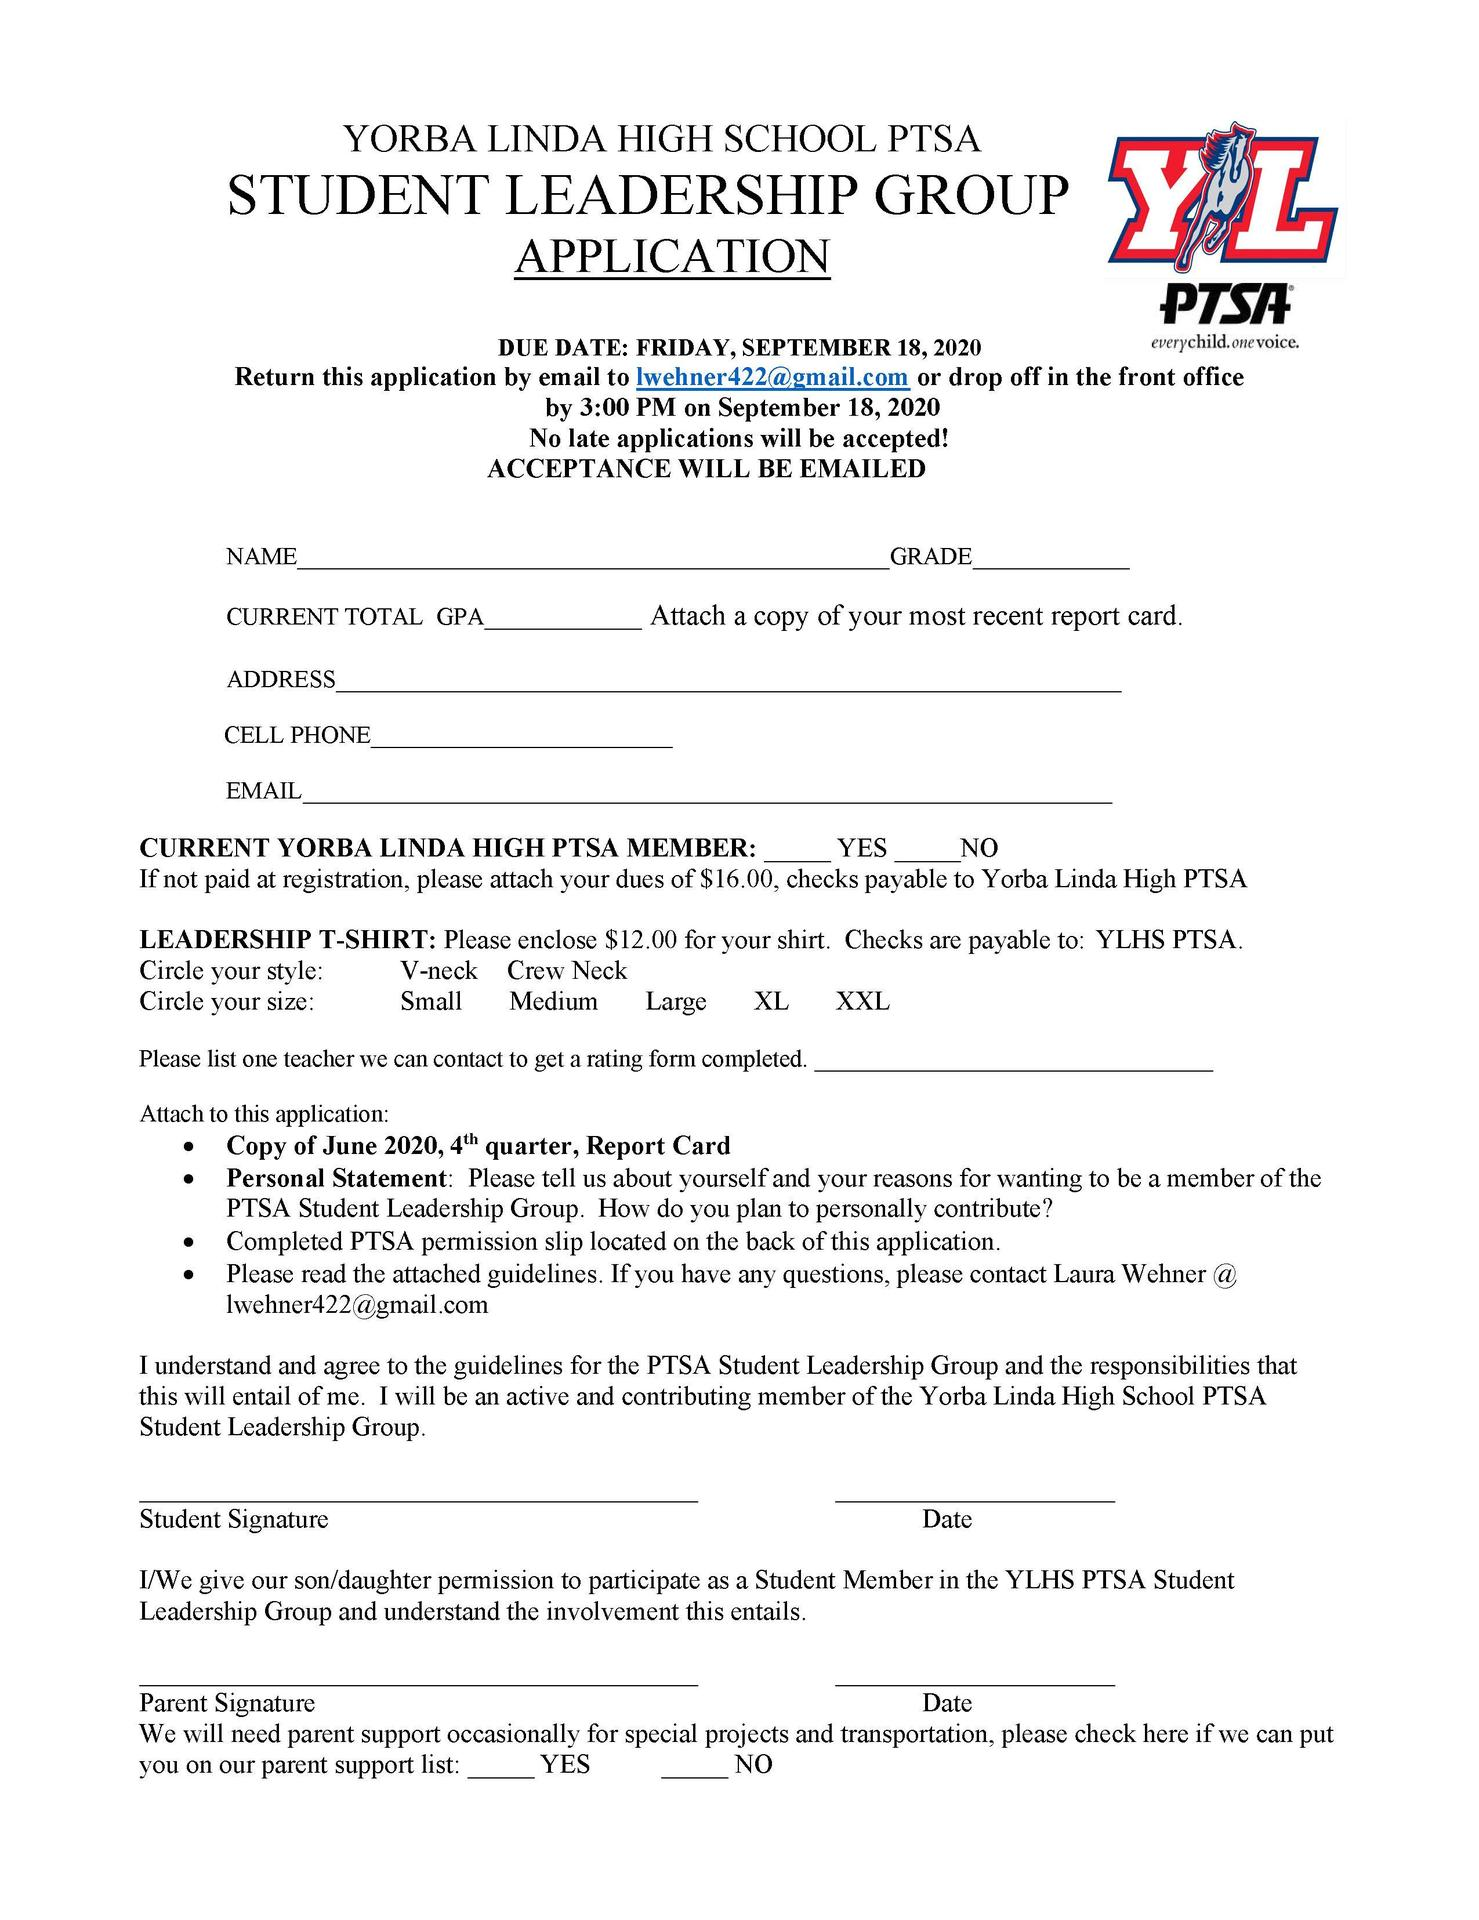 PTSA Leadership Application